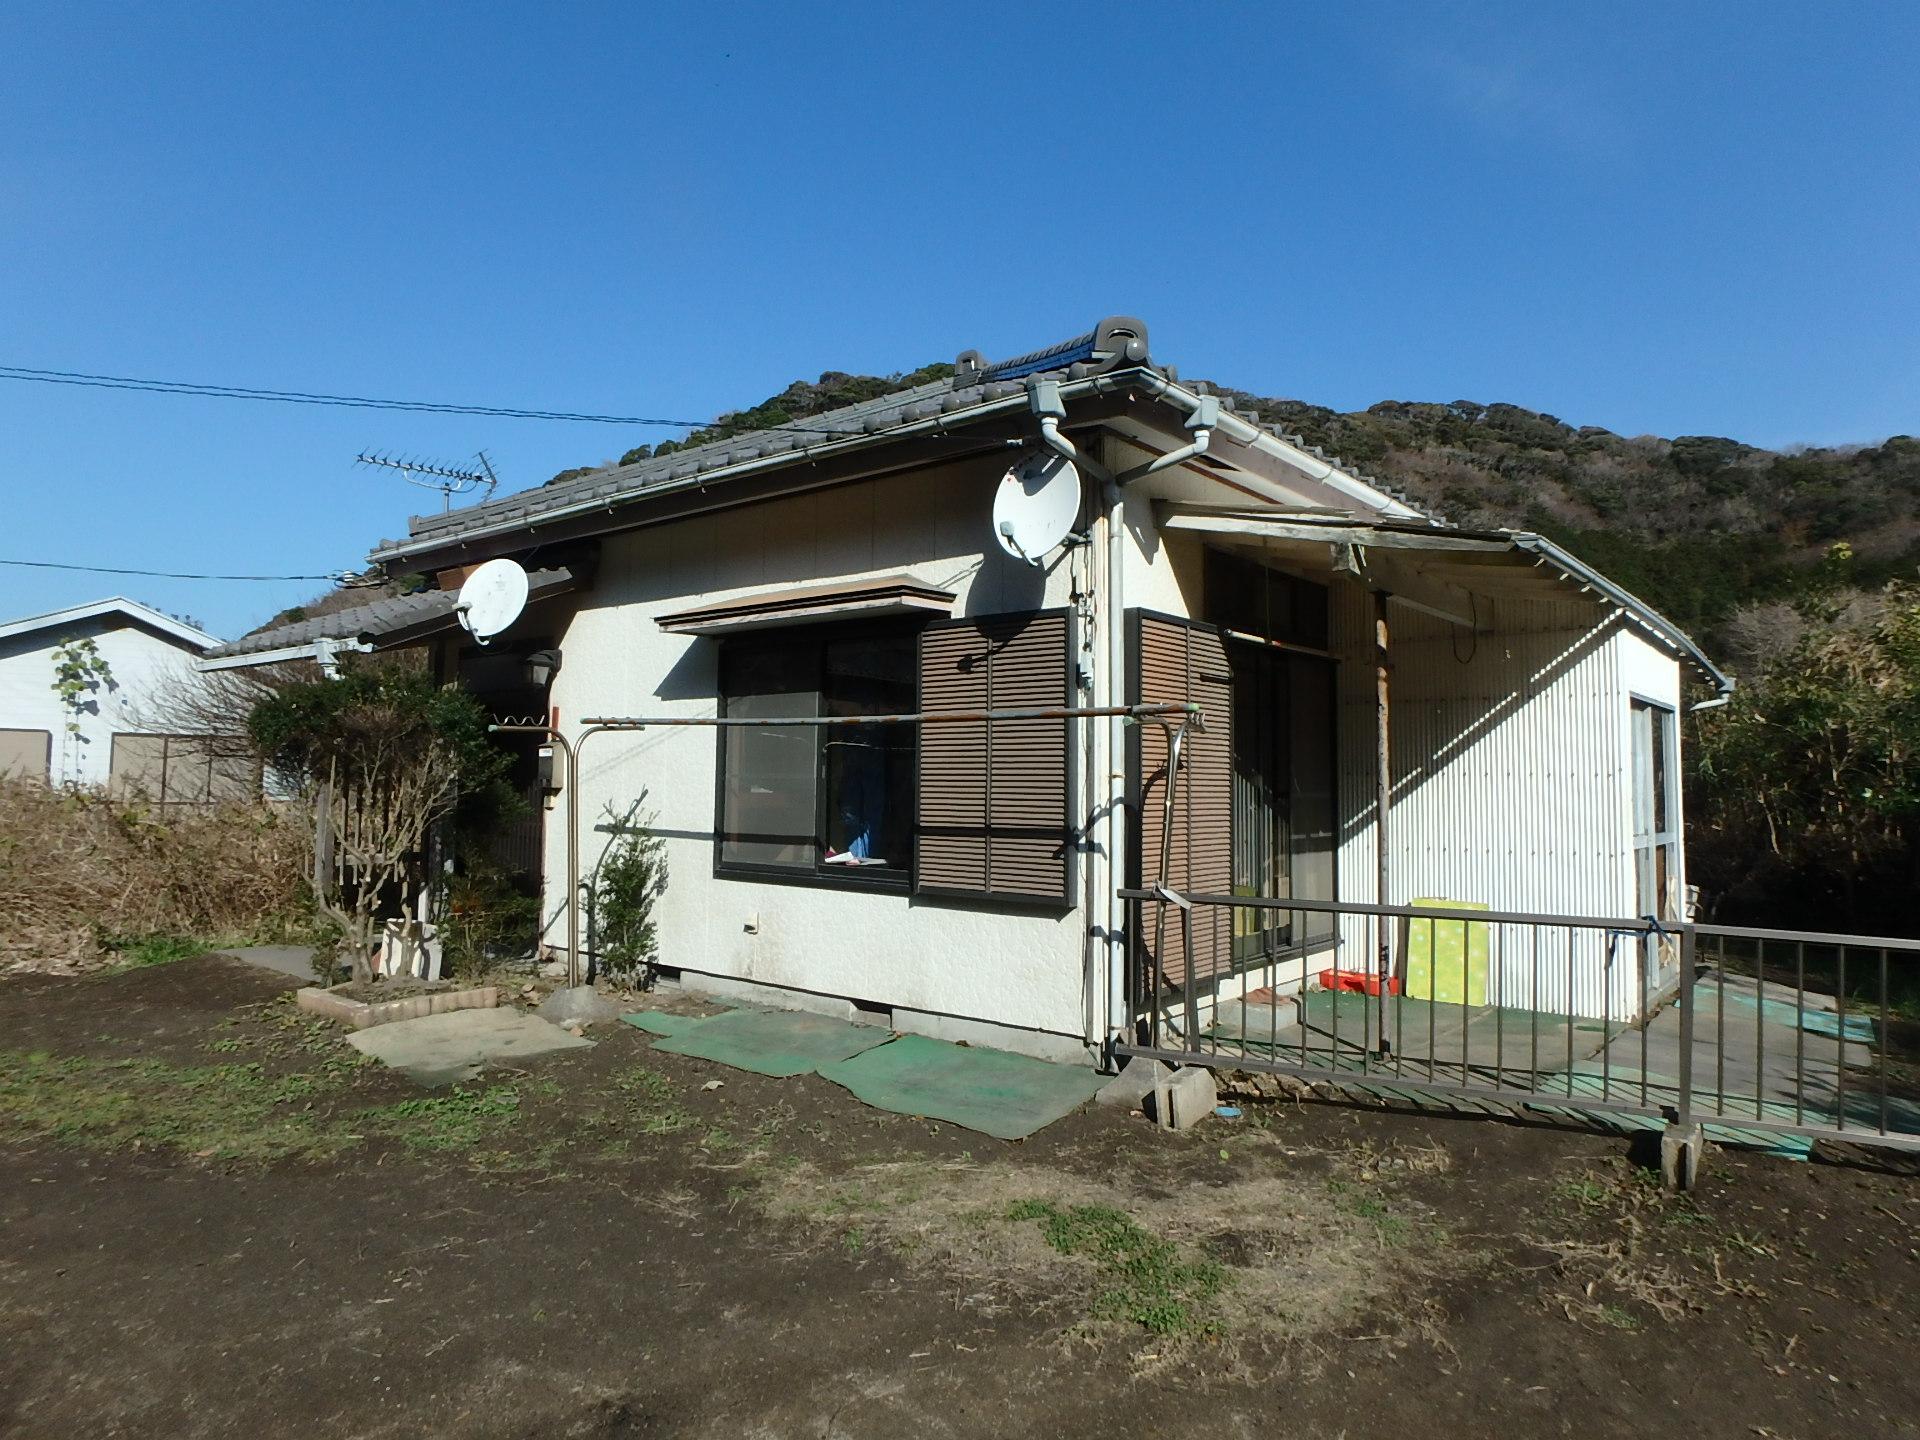 千葉県富津市萩生の中古住宅 富津の物件 海近くの中古住宅